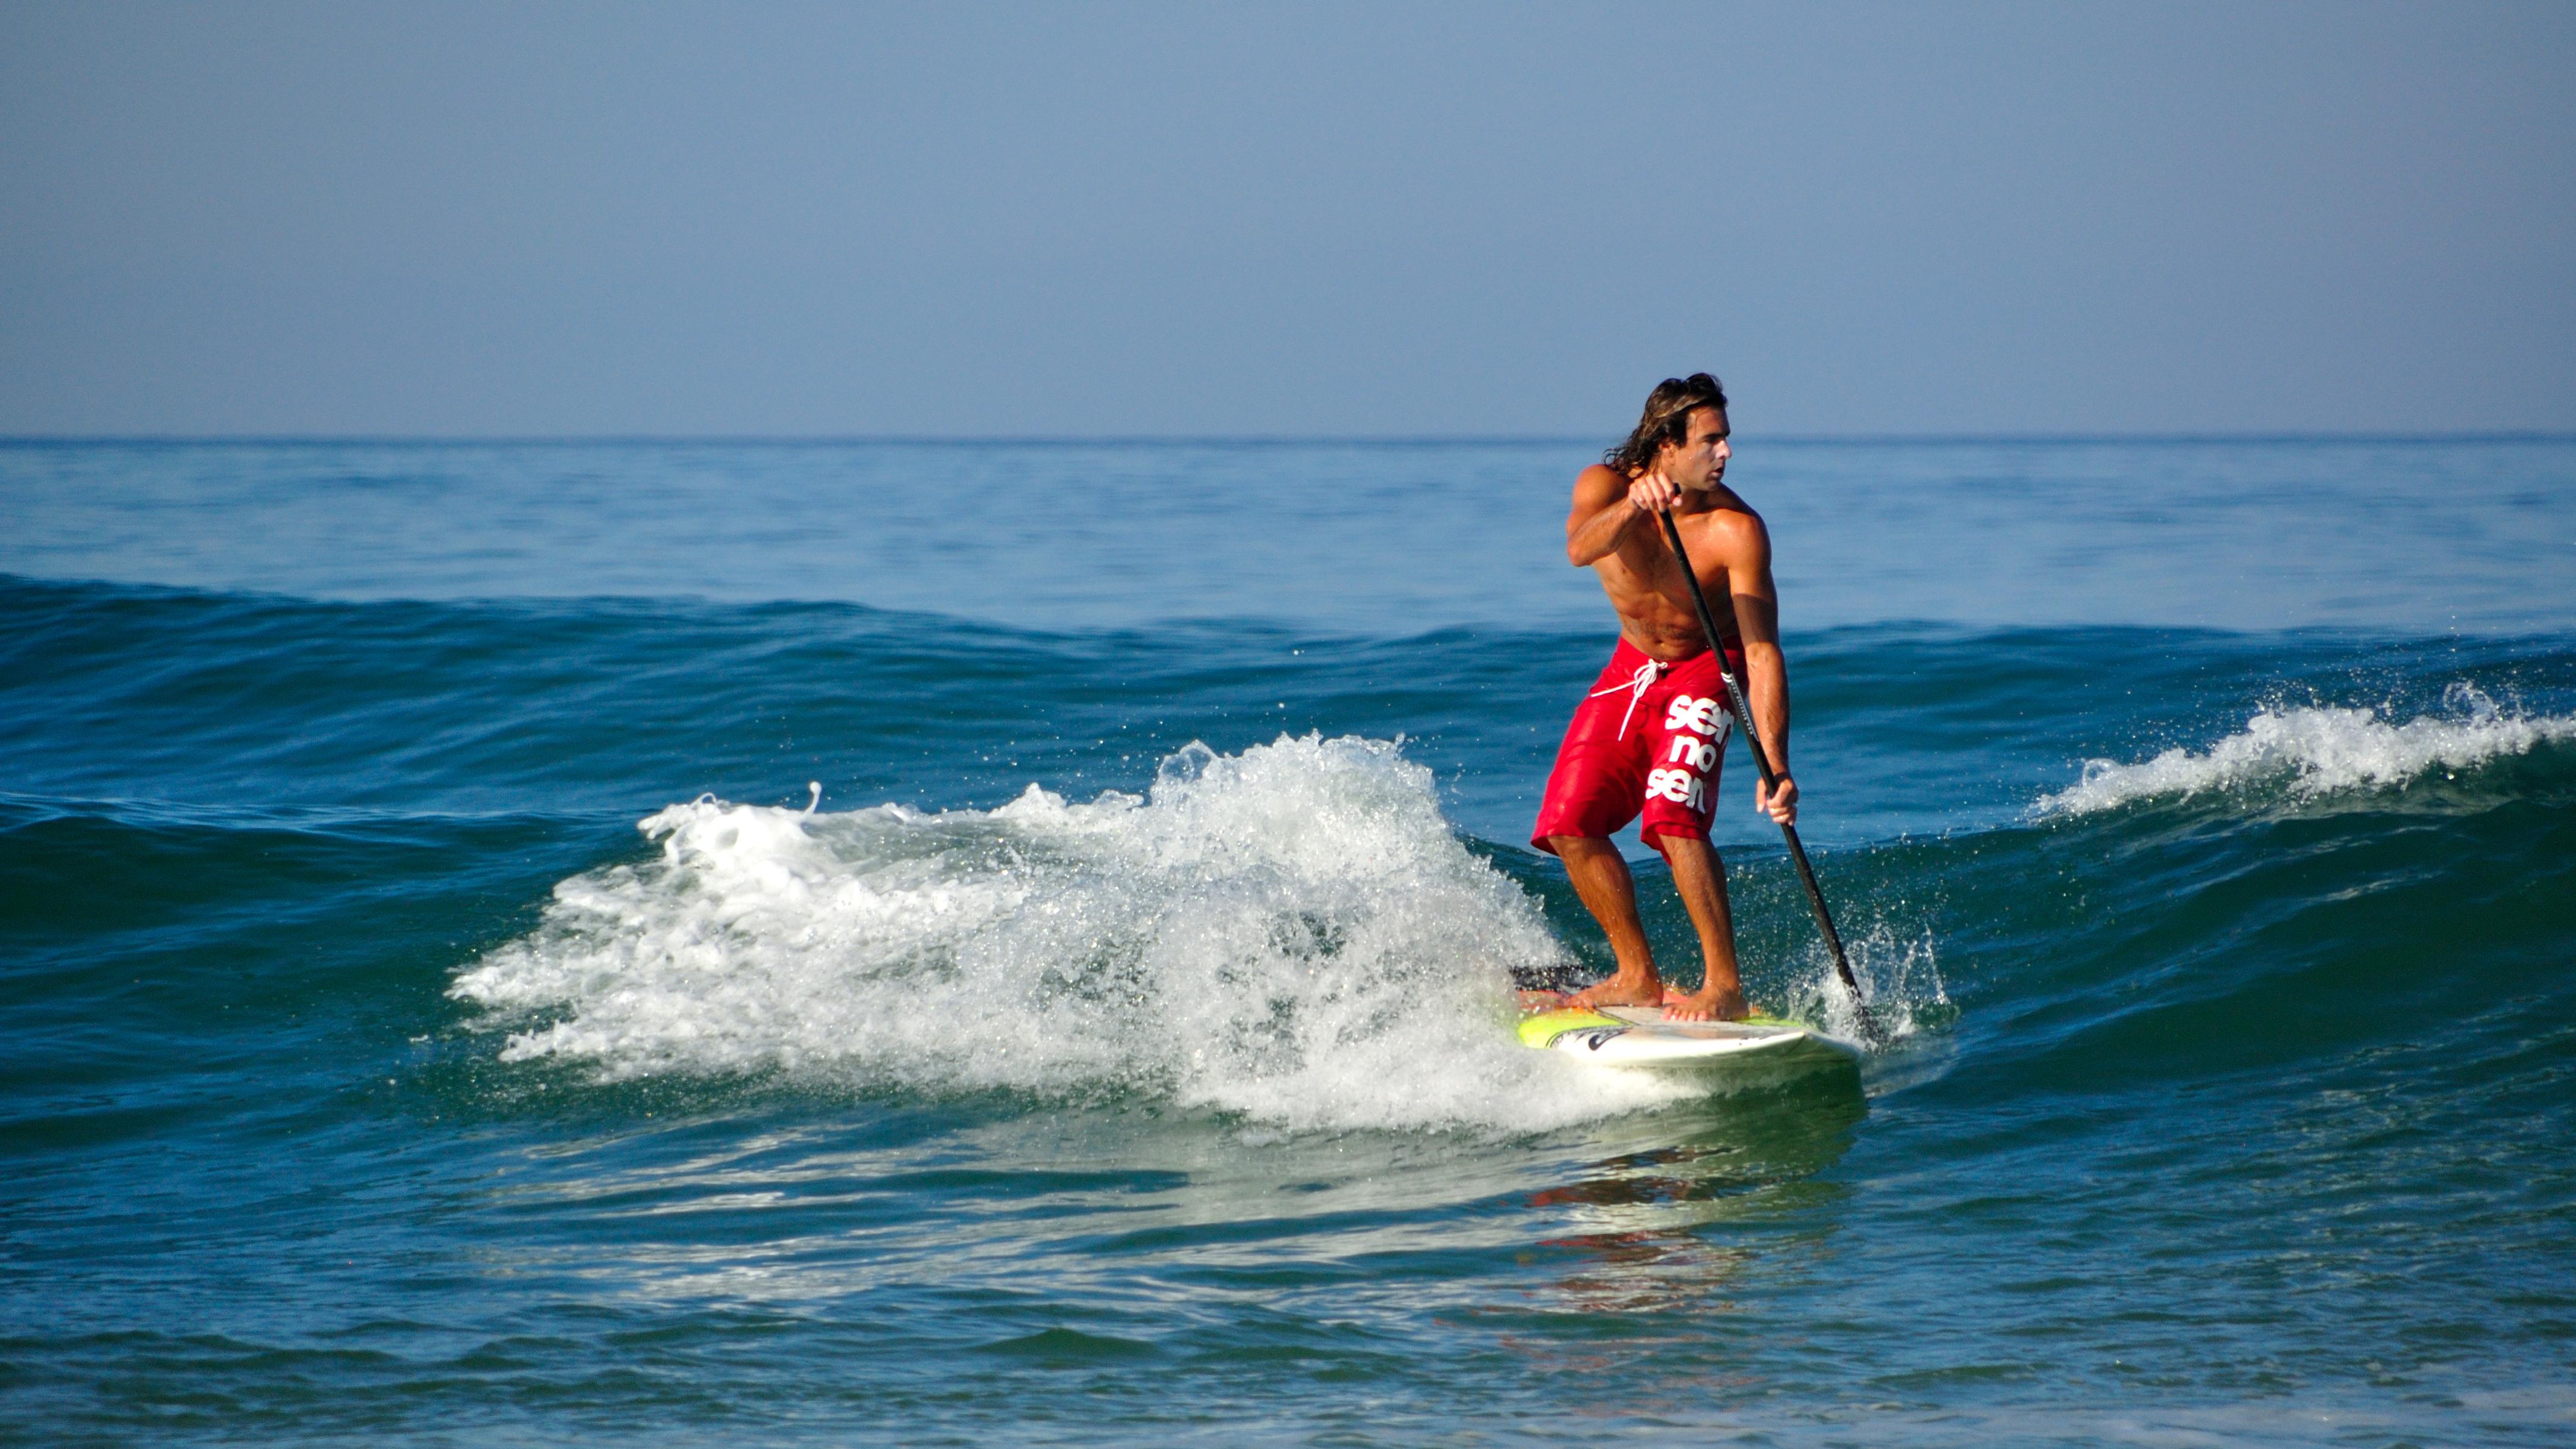 Standup paddleboarding - Wikipedia a936f658f